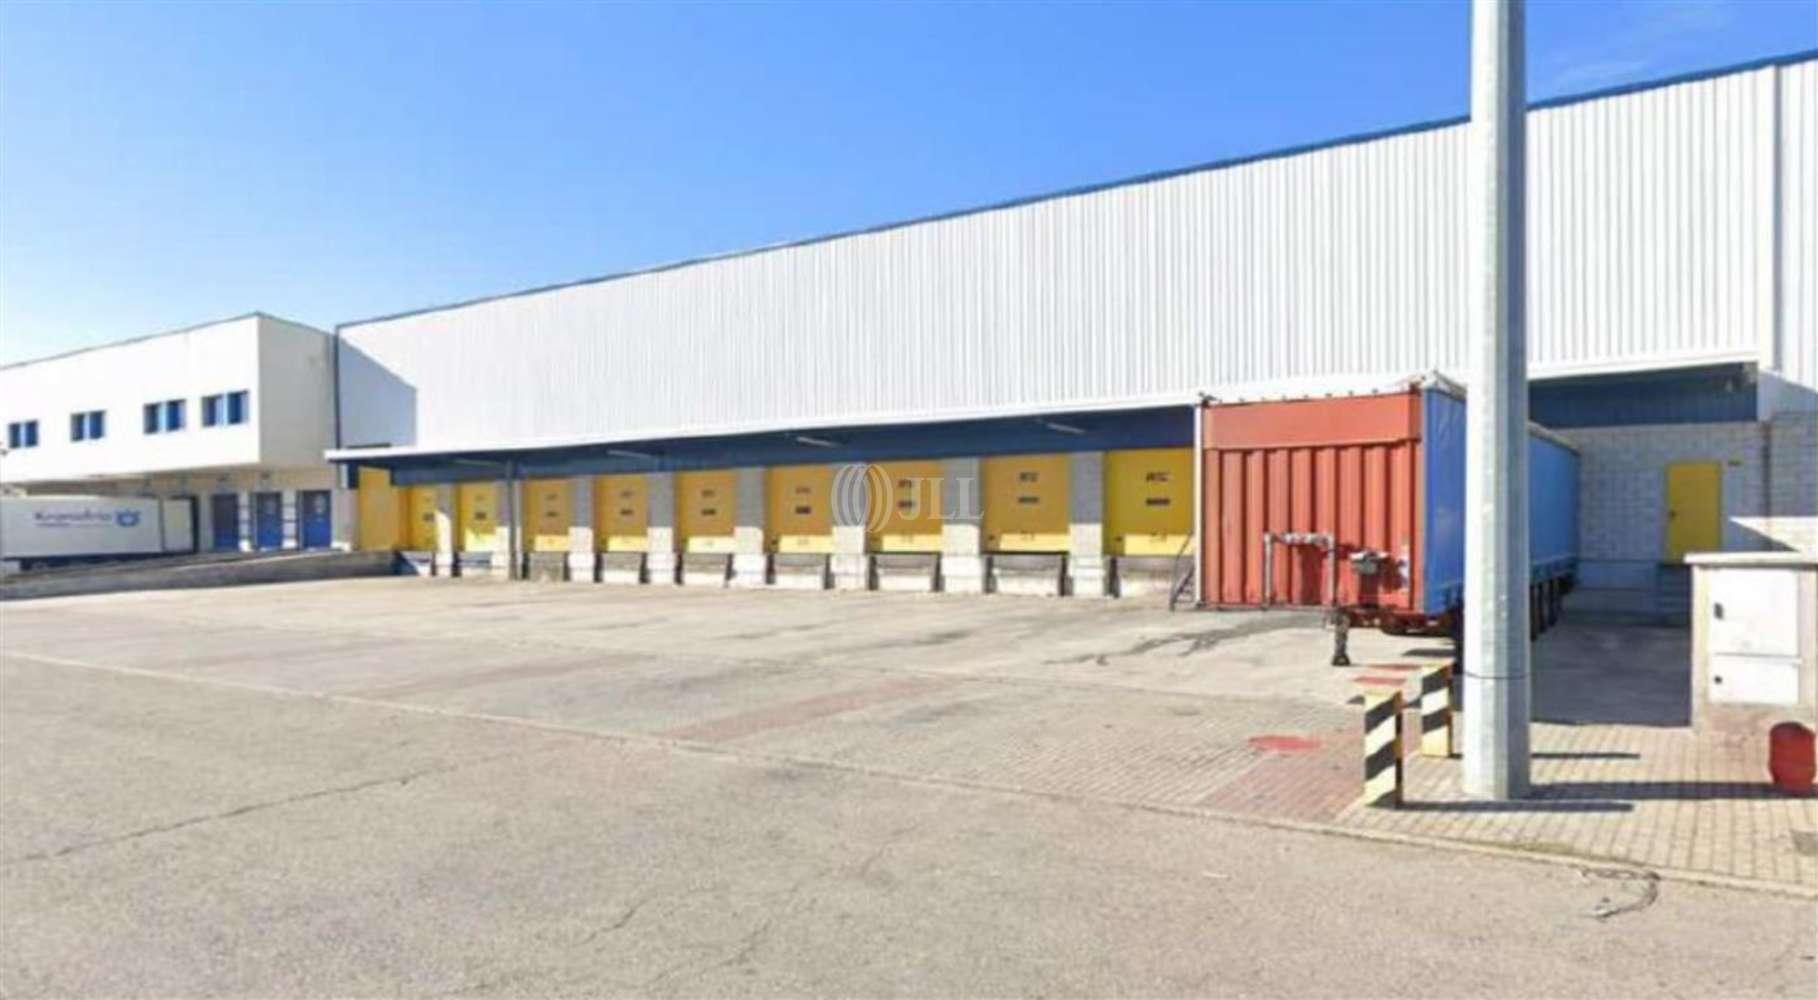 Naves industriales y logísticas Coslada, 28821 - Nave Logistica - M0402 NAVE CROSSDOCK CTC COSLADA BS COMPANY